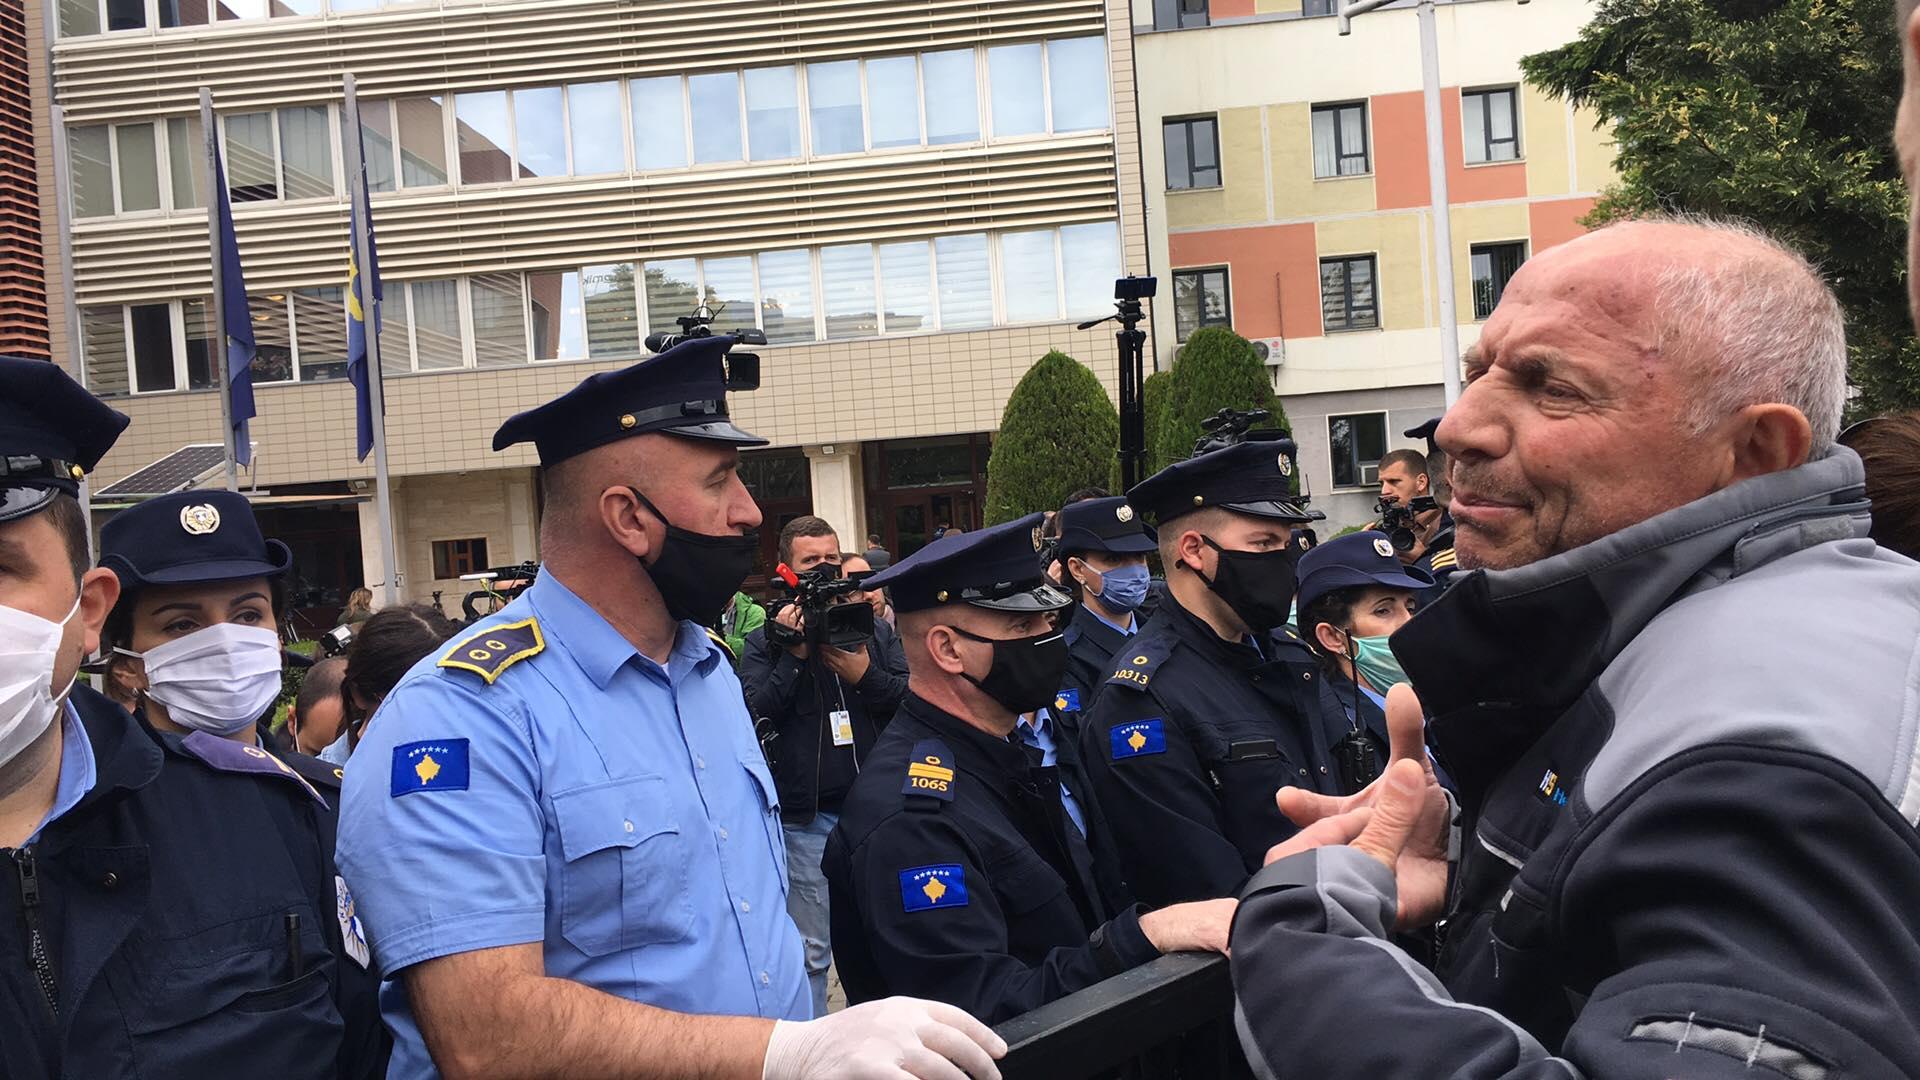 Κοσσυφοπέδιο: Κλοπή της νίκης των πολιτών καταγγέλλει ο επικεφαλής του Κινήματος Vetëvendosje